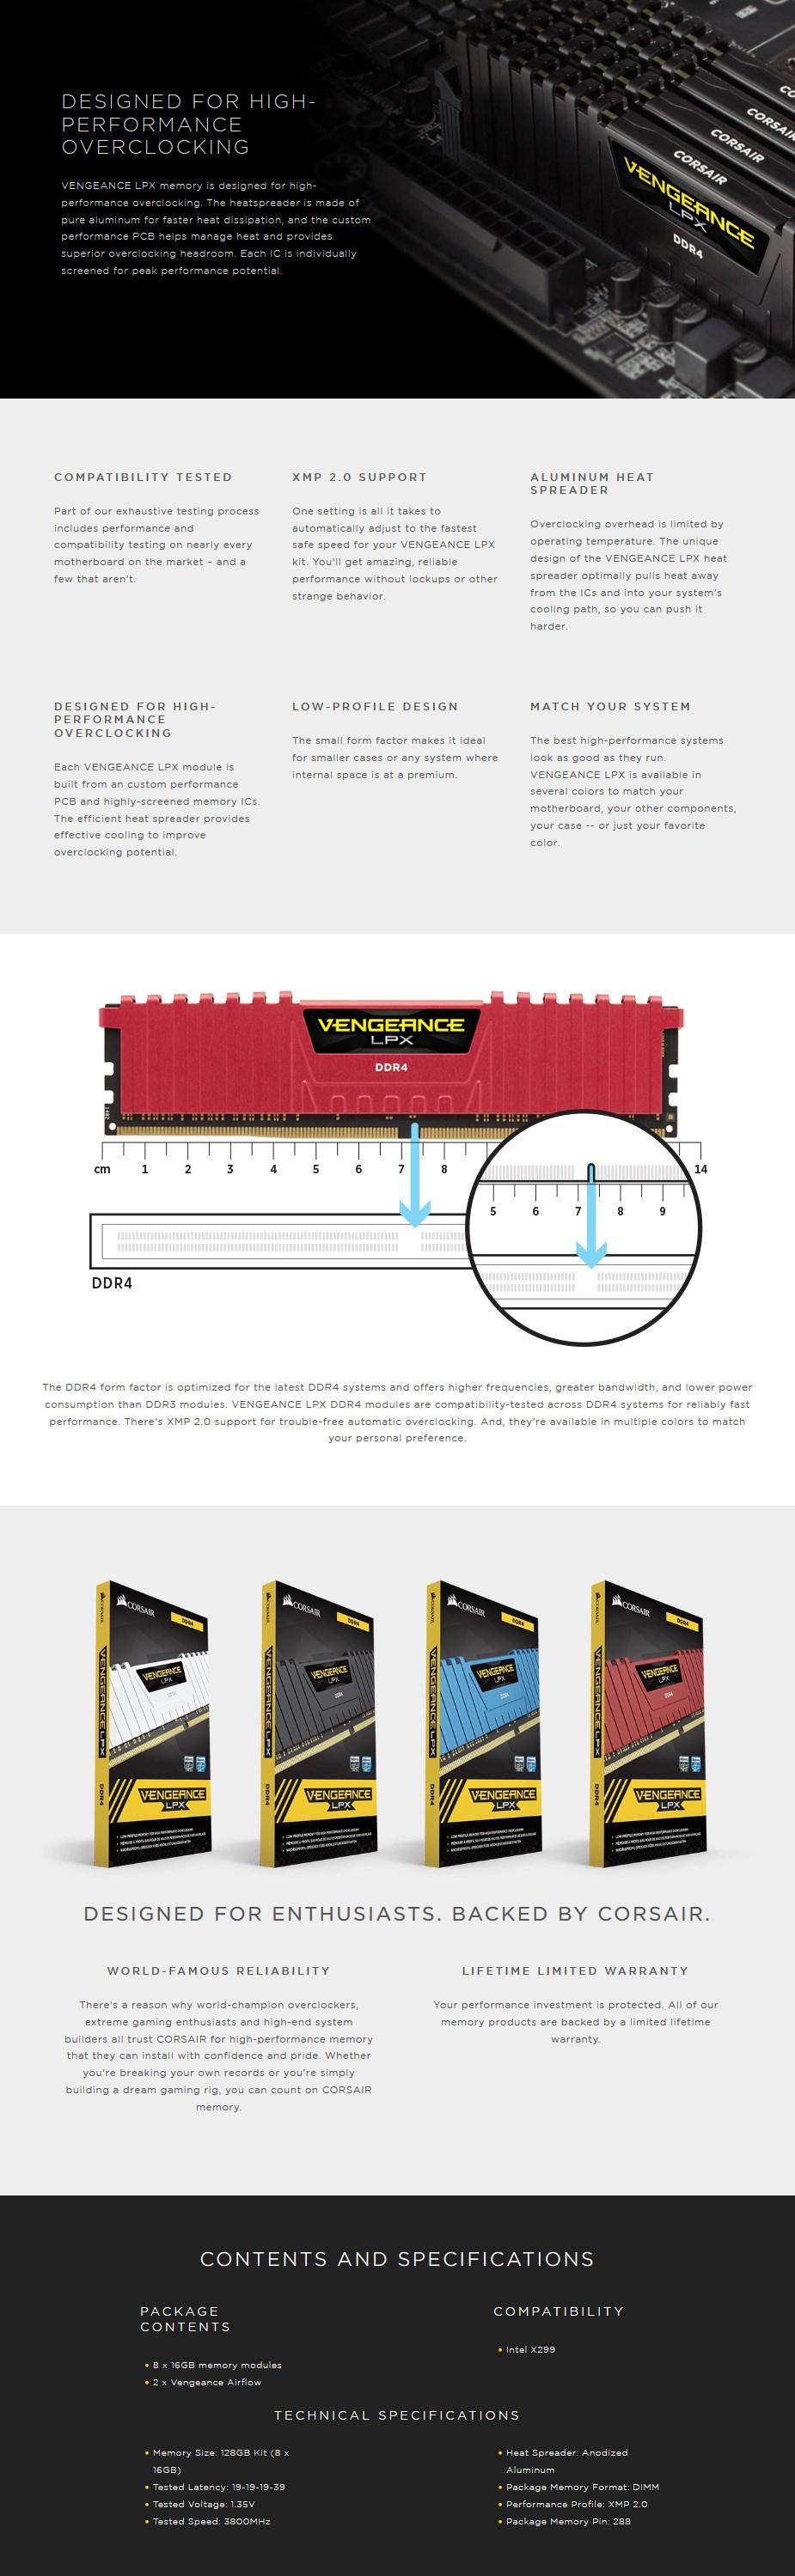 Corsair Vengeance LPX 128GB (8x 16GB) DDR4 3800MHz Memory - Desktop Overview 1